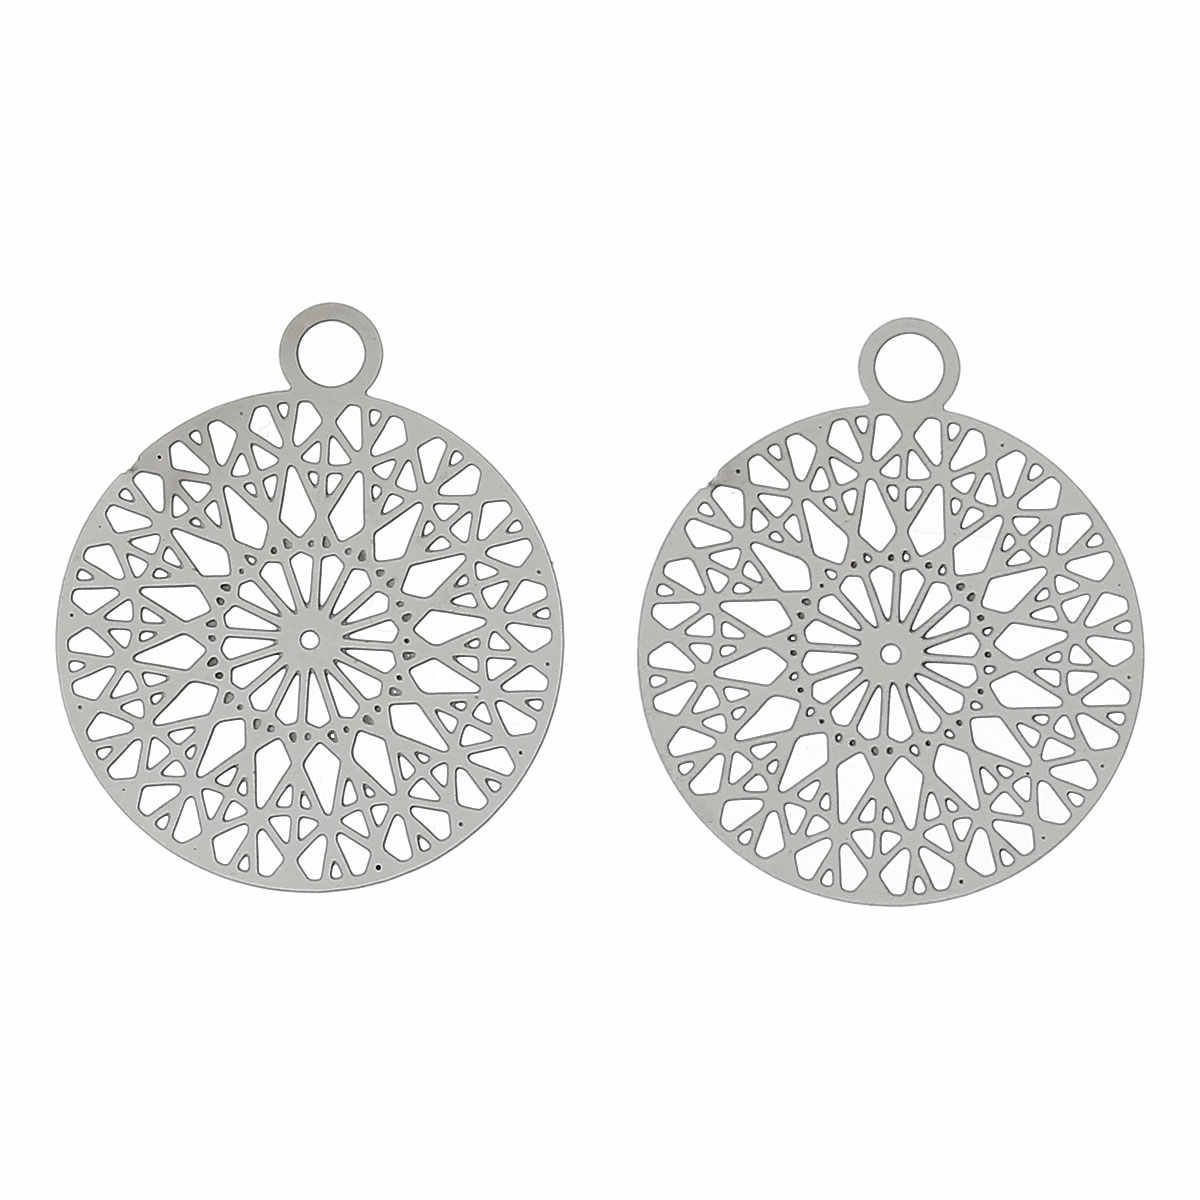 FUNIQUE Hollow Out romb wzór Charms 20 sztuk srebrny Tone ze stali nierdzewnej okrągłe wisiorki dla DIY kobiety i mężczyźni naszyjnik 22x18mm